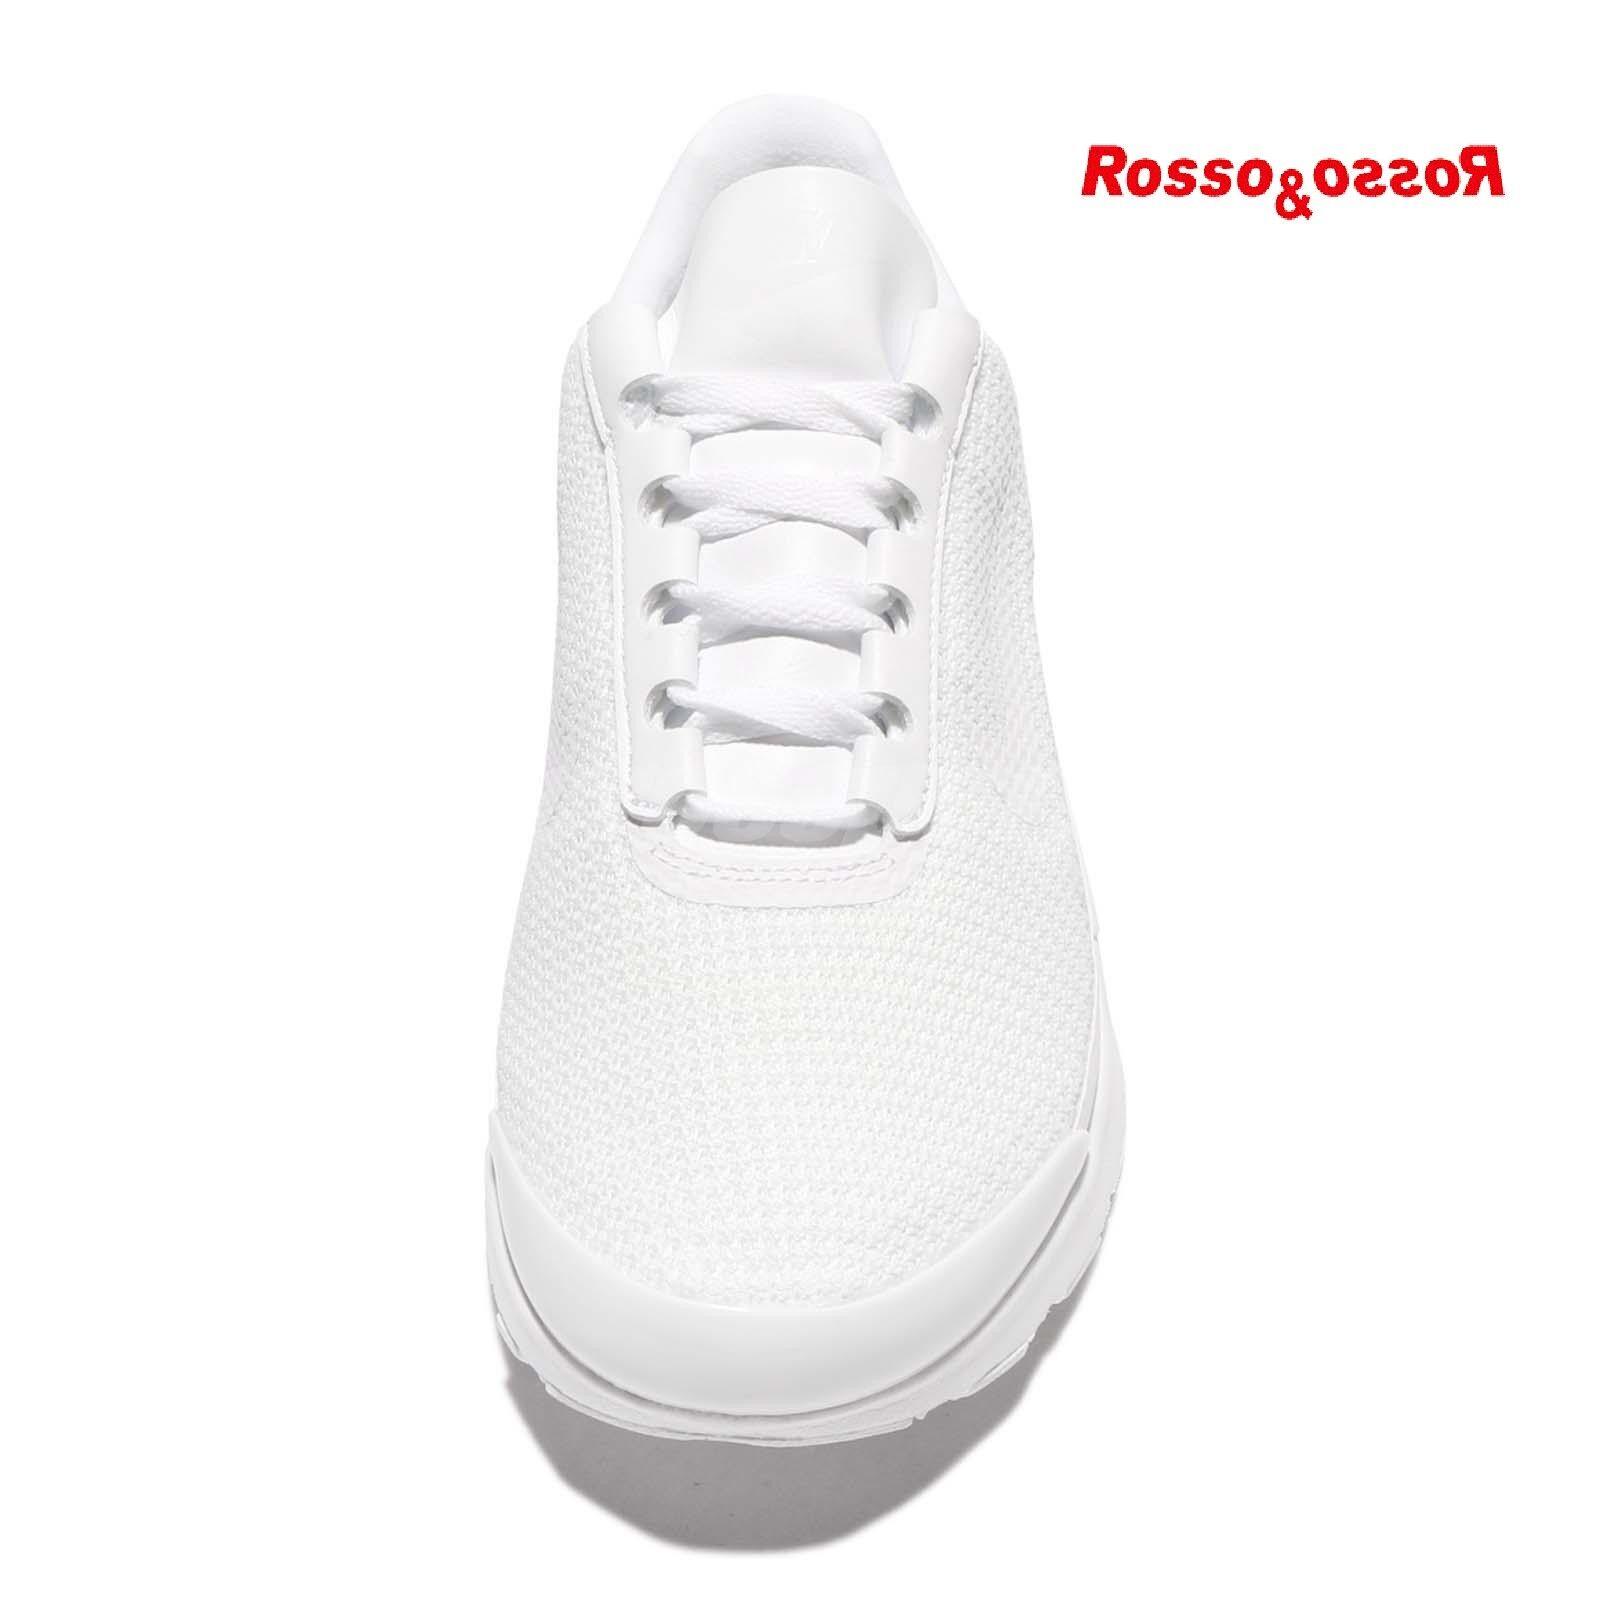 Scarpe NIKE Air Max JEWELL Bianche da Donna Ragazza Ragazza Ragazza scarpe da ginnastica Ginnastica n 42,5 97a5ce